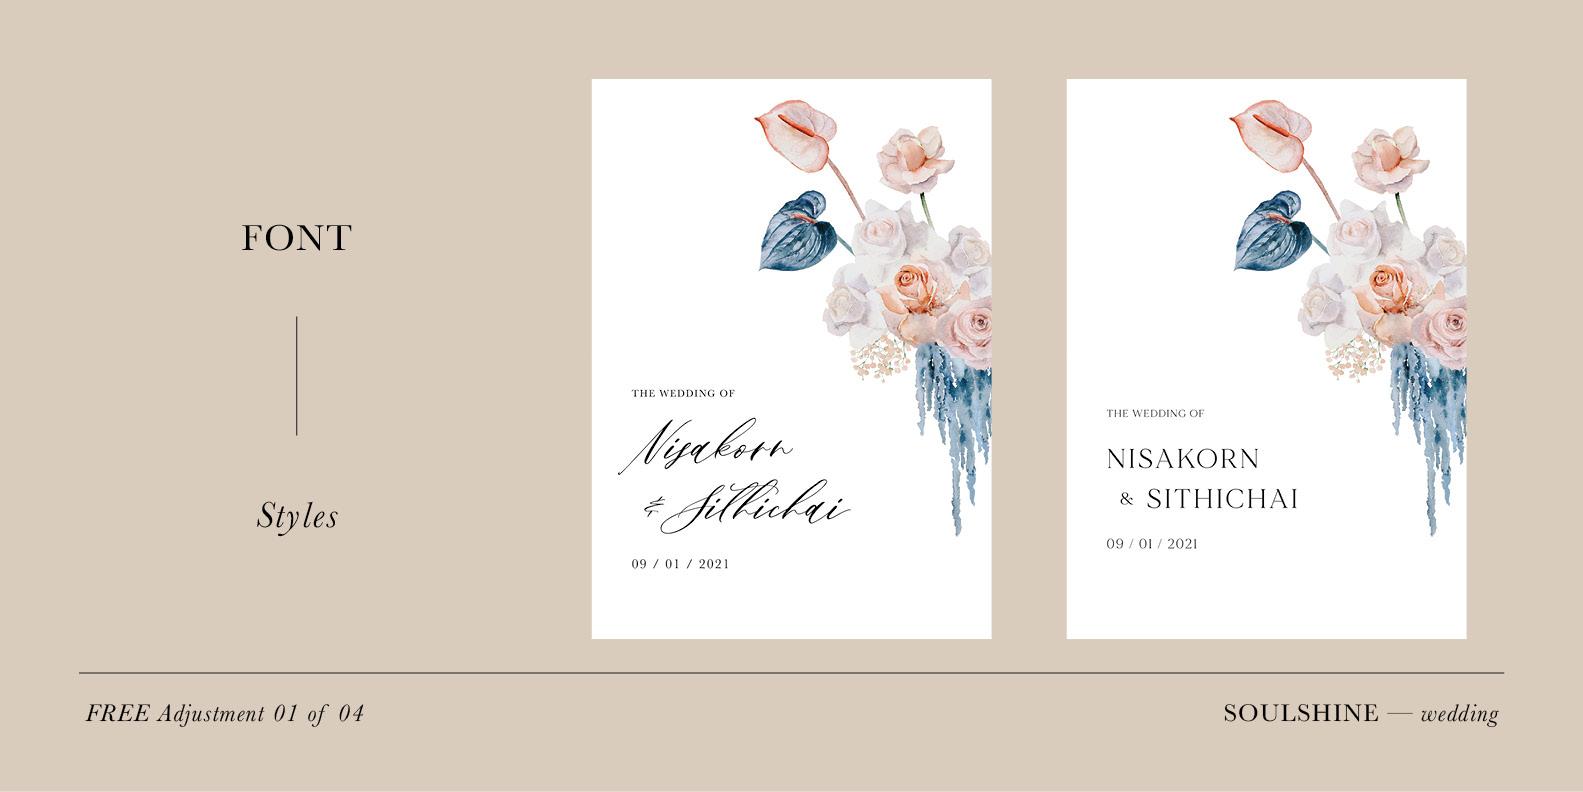 ออกแบบการ์ดแต่งงาน พิมพ์การ์ดแต่งงาน มินิมอล สไตล์เรียบหรู สวยๆ แนววินเทจ เก๋ๆ ปรับแก้แบบการ์ดฟรี 01